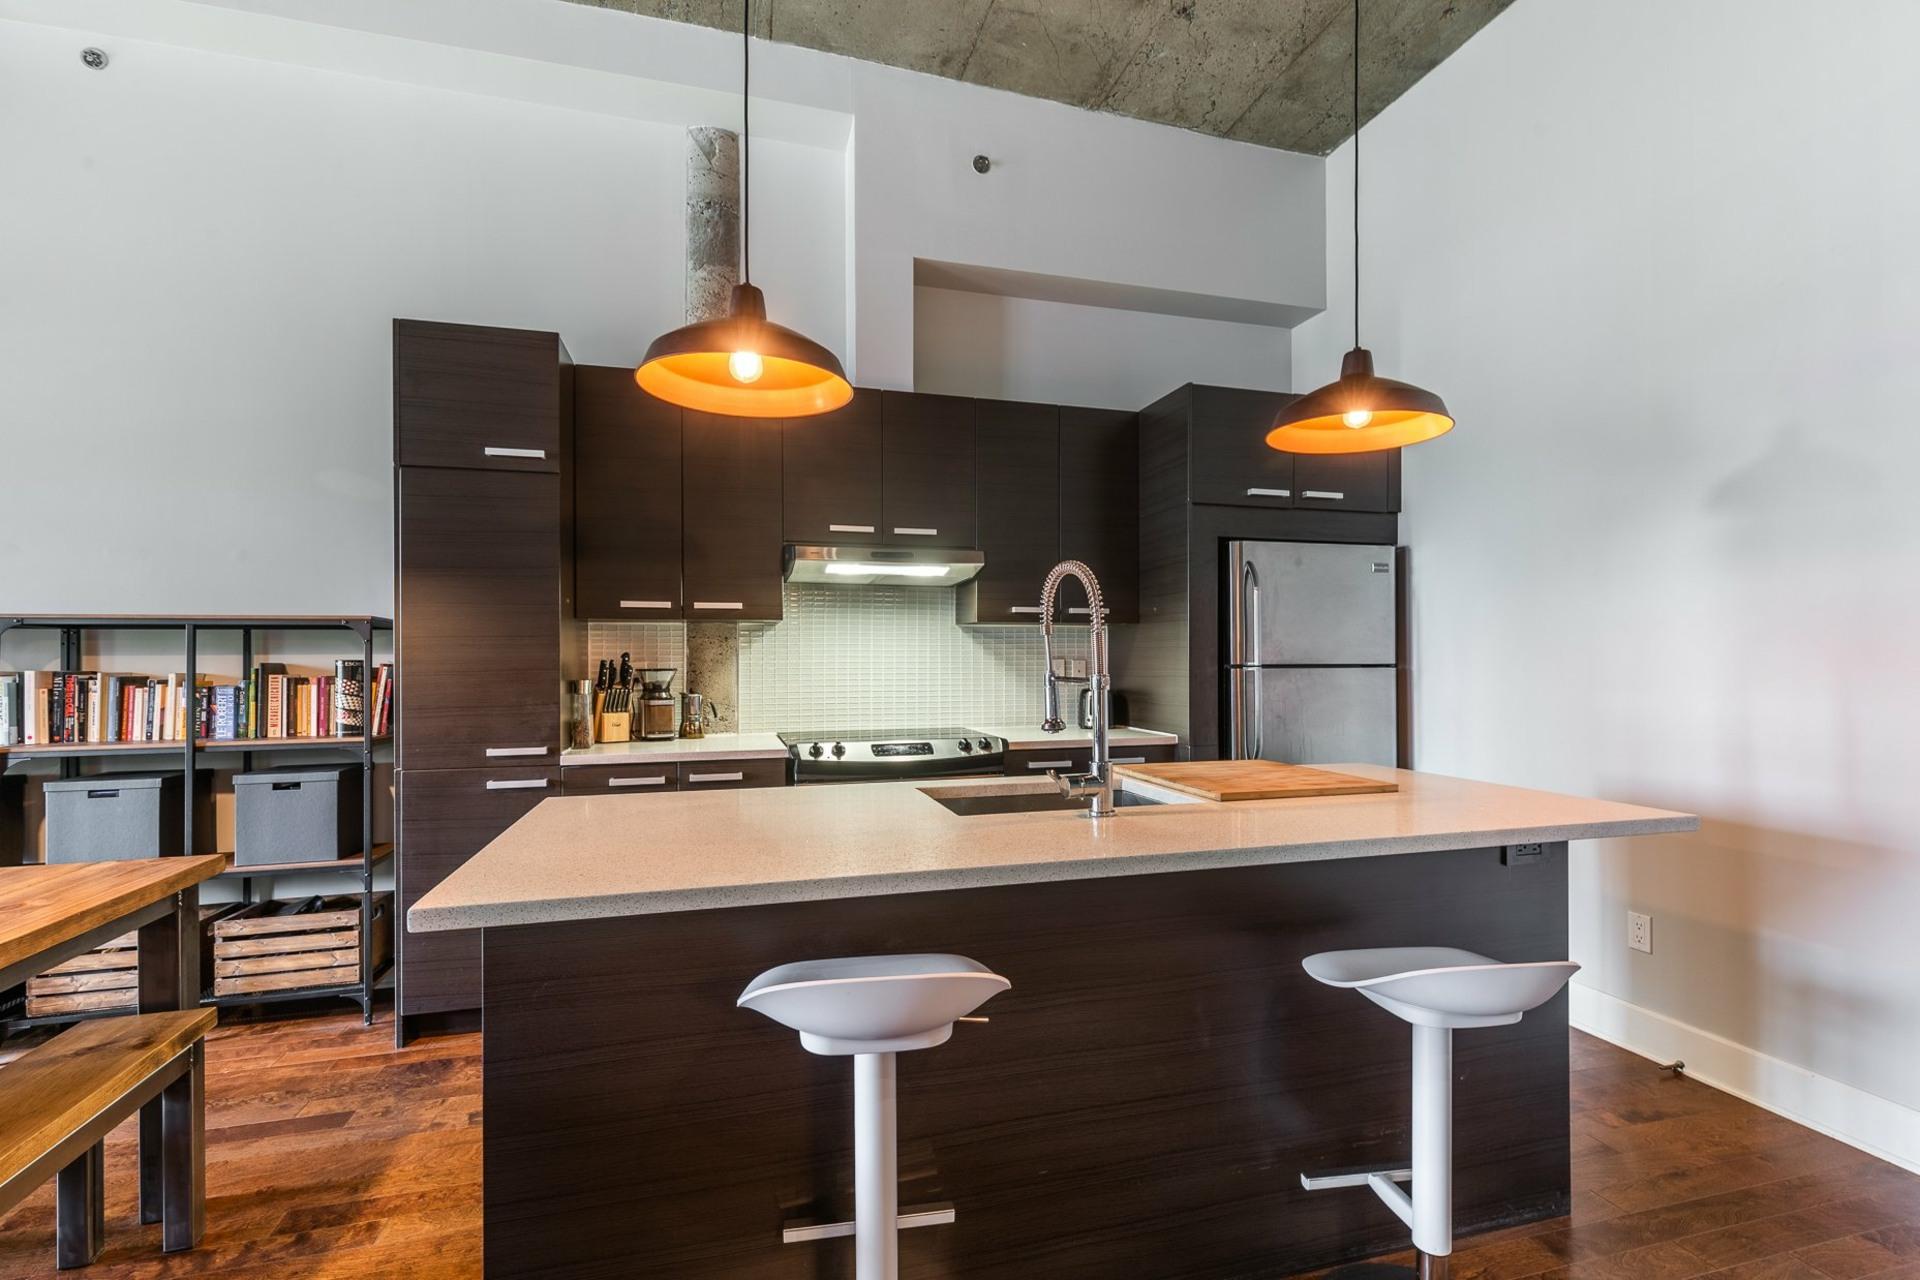 image 5 - Appartement À vendre Villeray/Saint-Michel/Parc-Extension Montréal  - 1 pièce